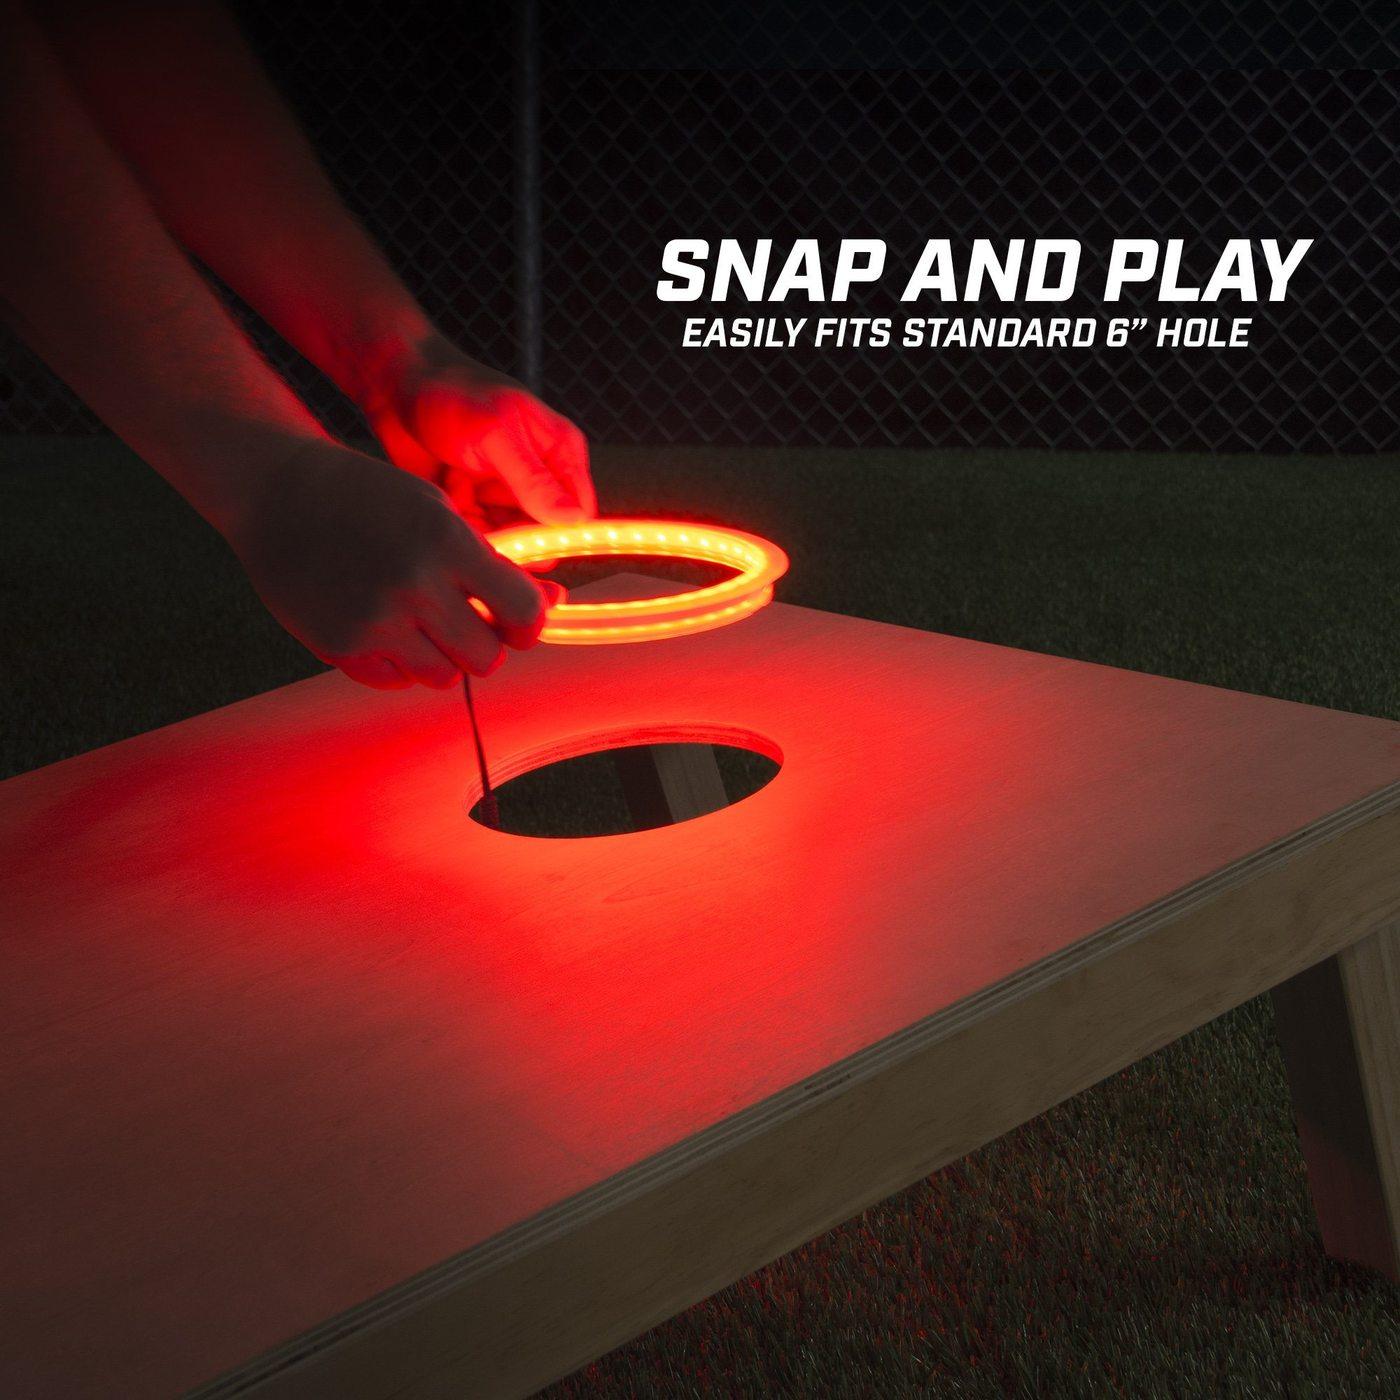 GoSports Cornhole Light Up LED Ring Kit Image